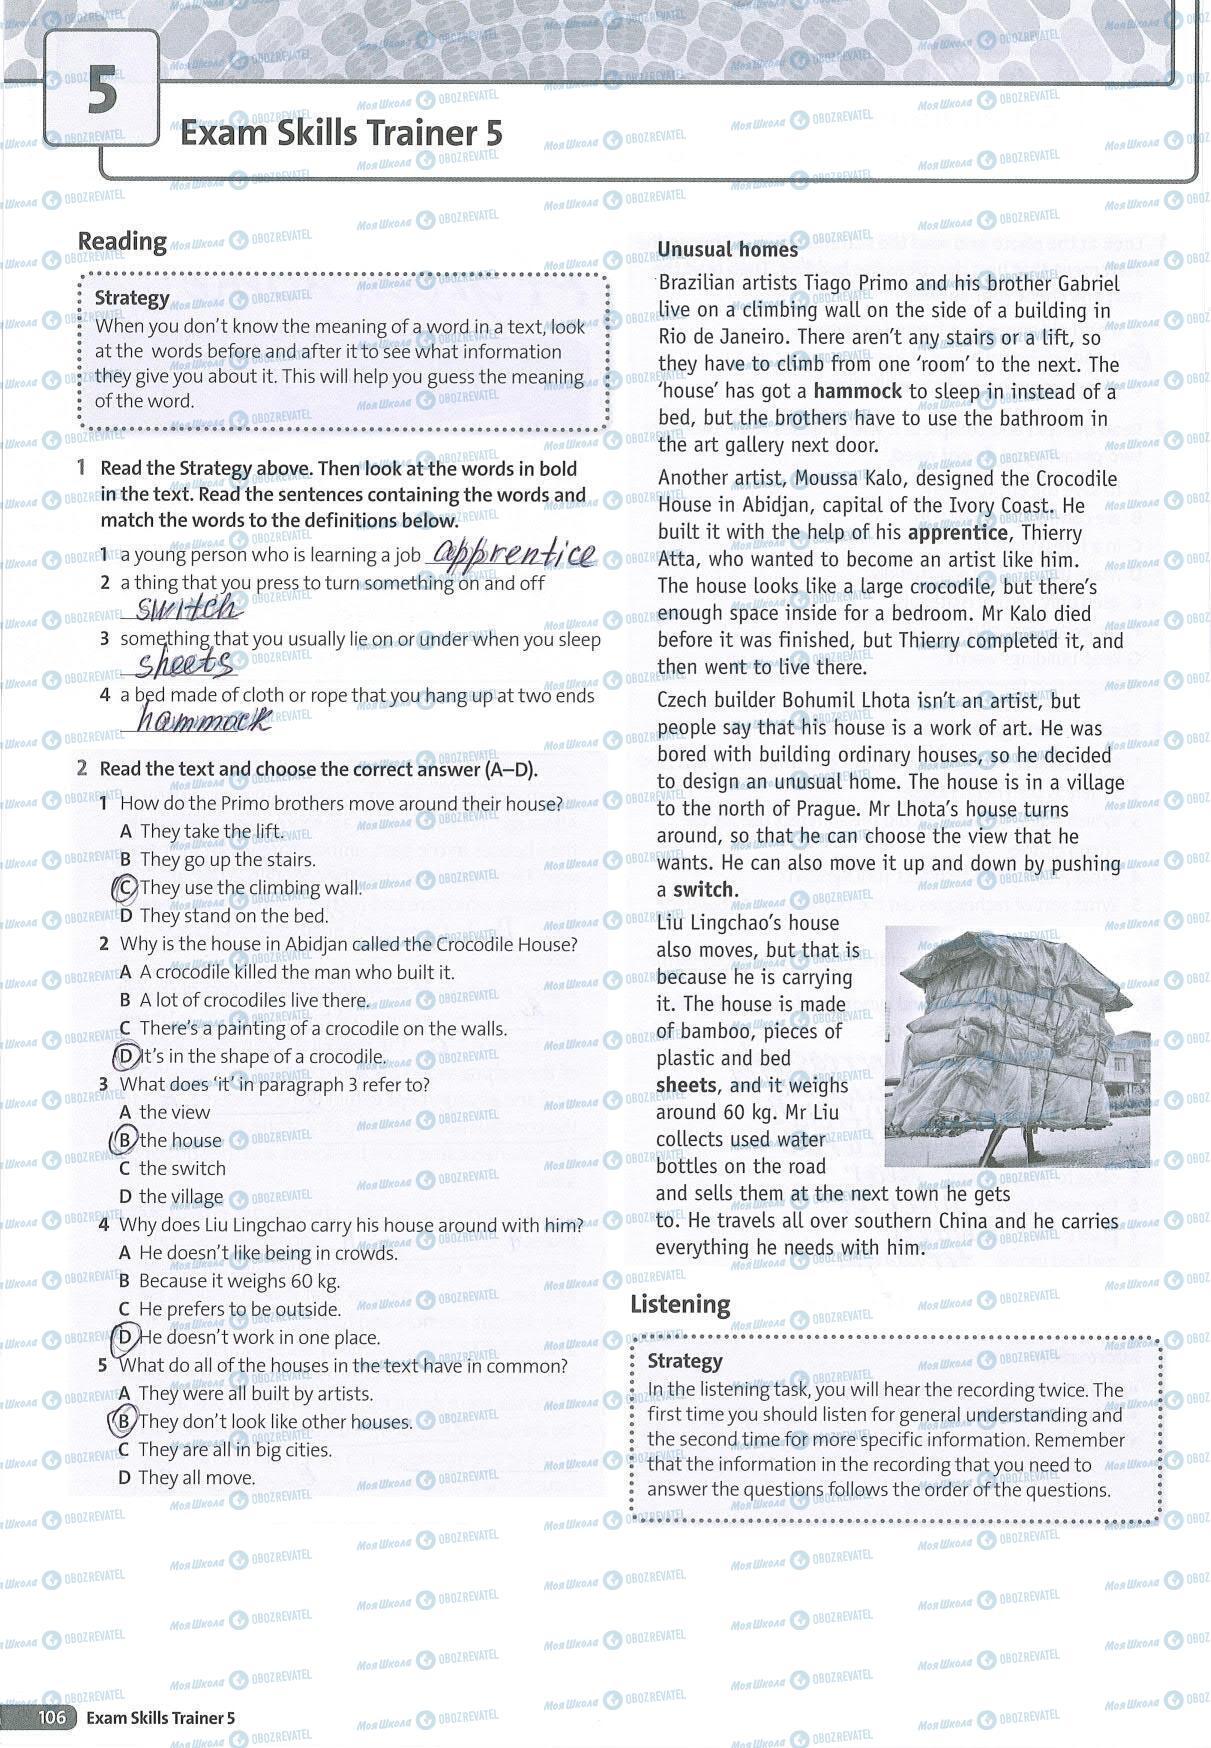 ГДЗ Англійська мова 5 клас сторінка 106